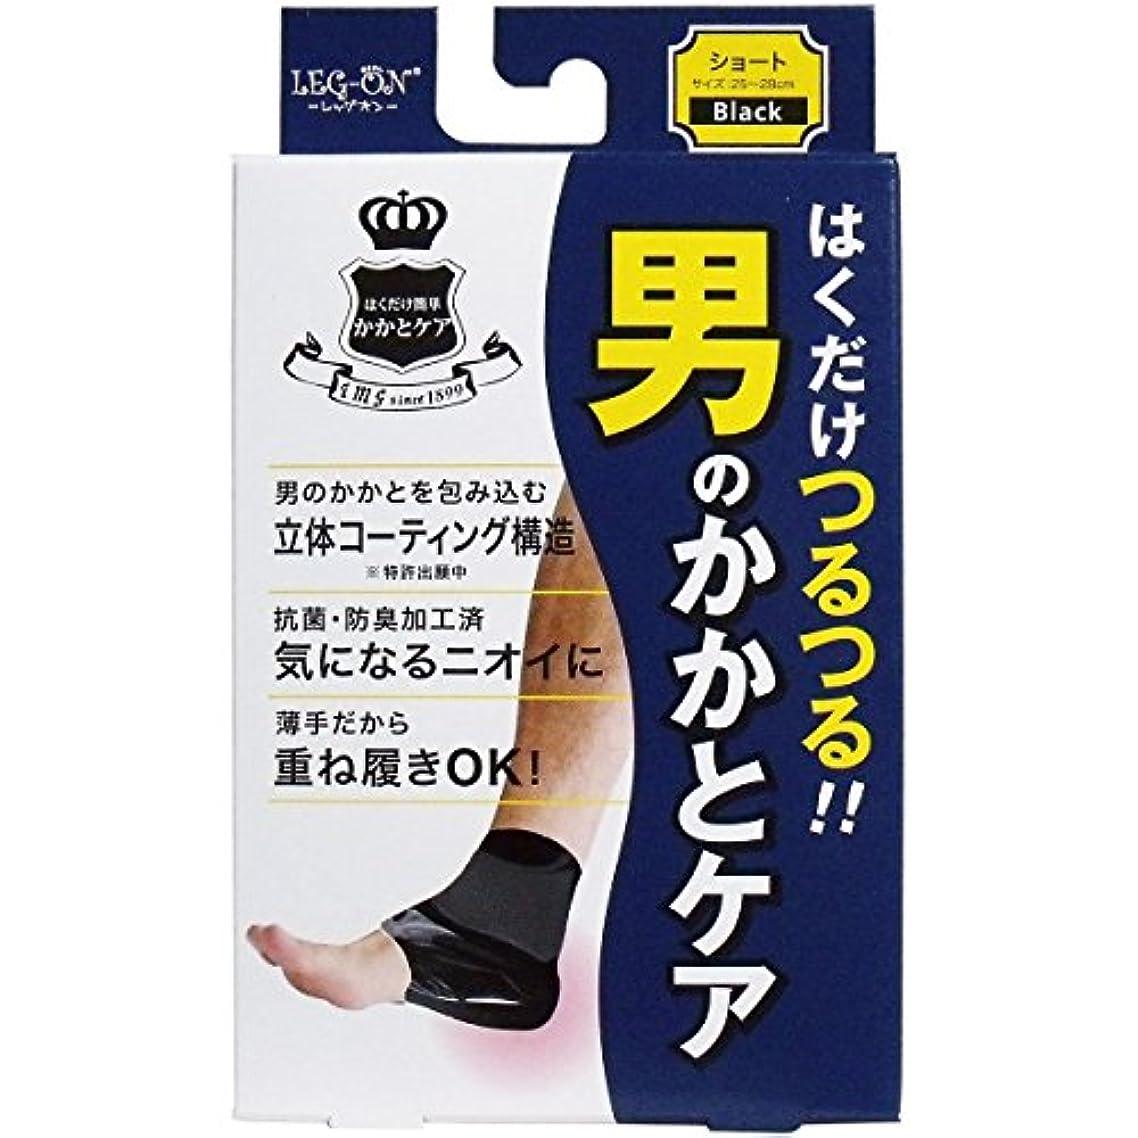 包帯補足ダーツレッグオン 男のかかとケア ブラック 1足分(2枚入)